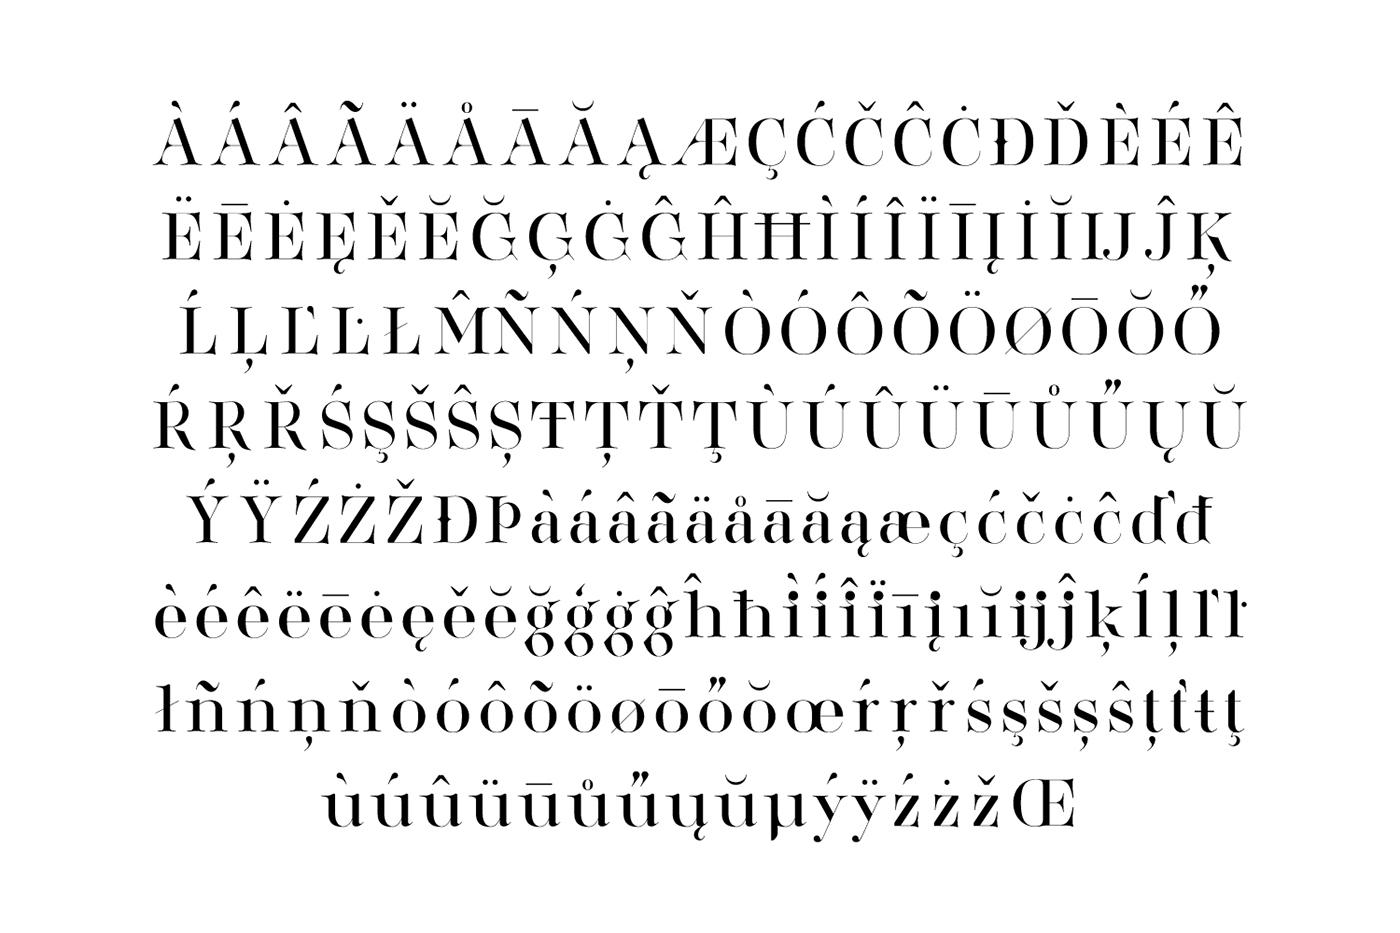 Typeface fonts font nyc type sexy Swashes ligature Fashion typography fashion magazine lingerie typeface New York logo logos typographer